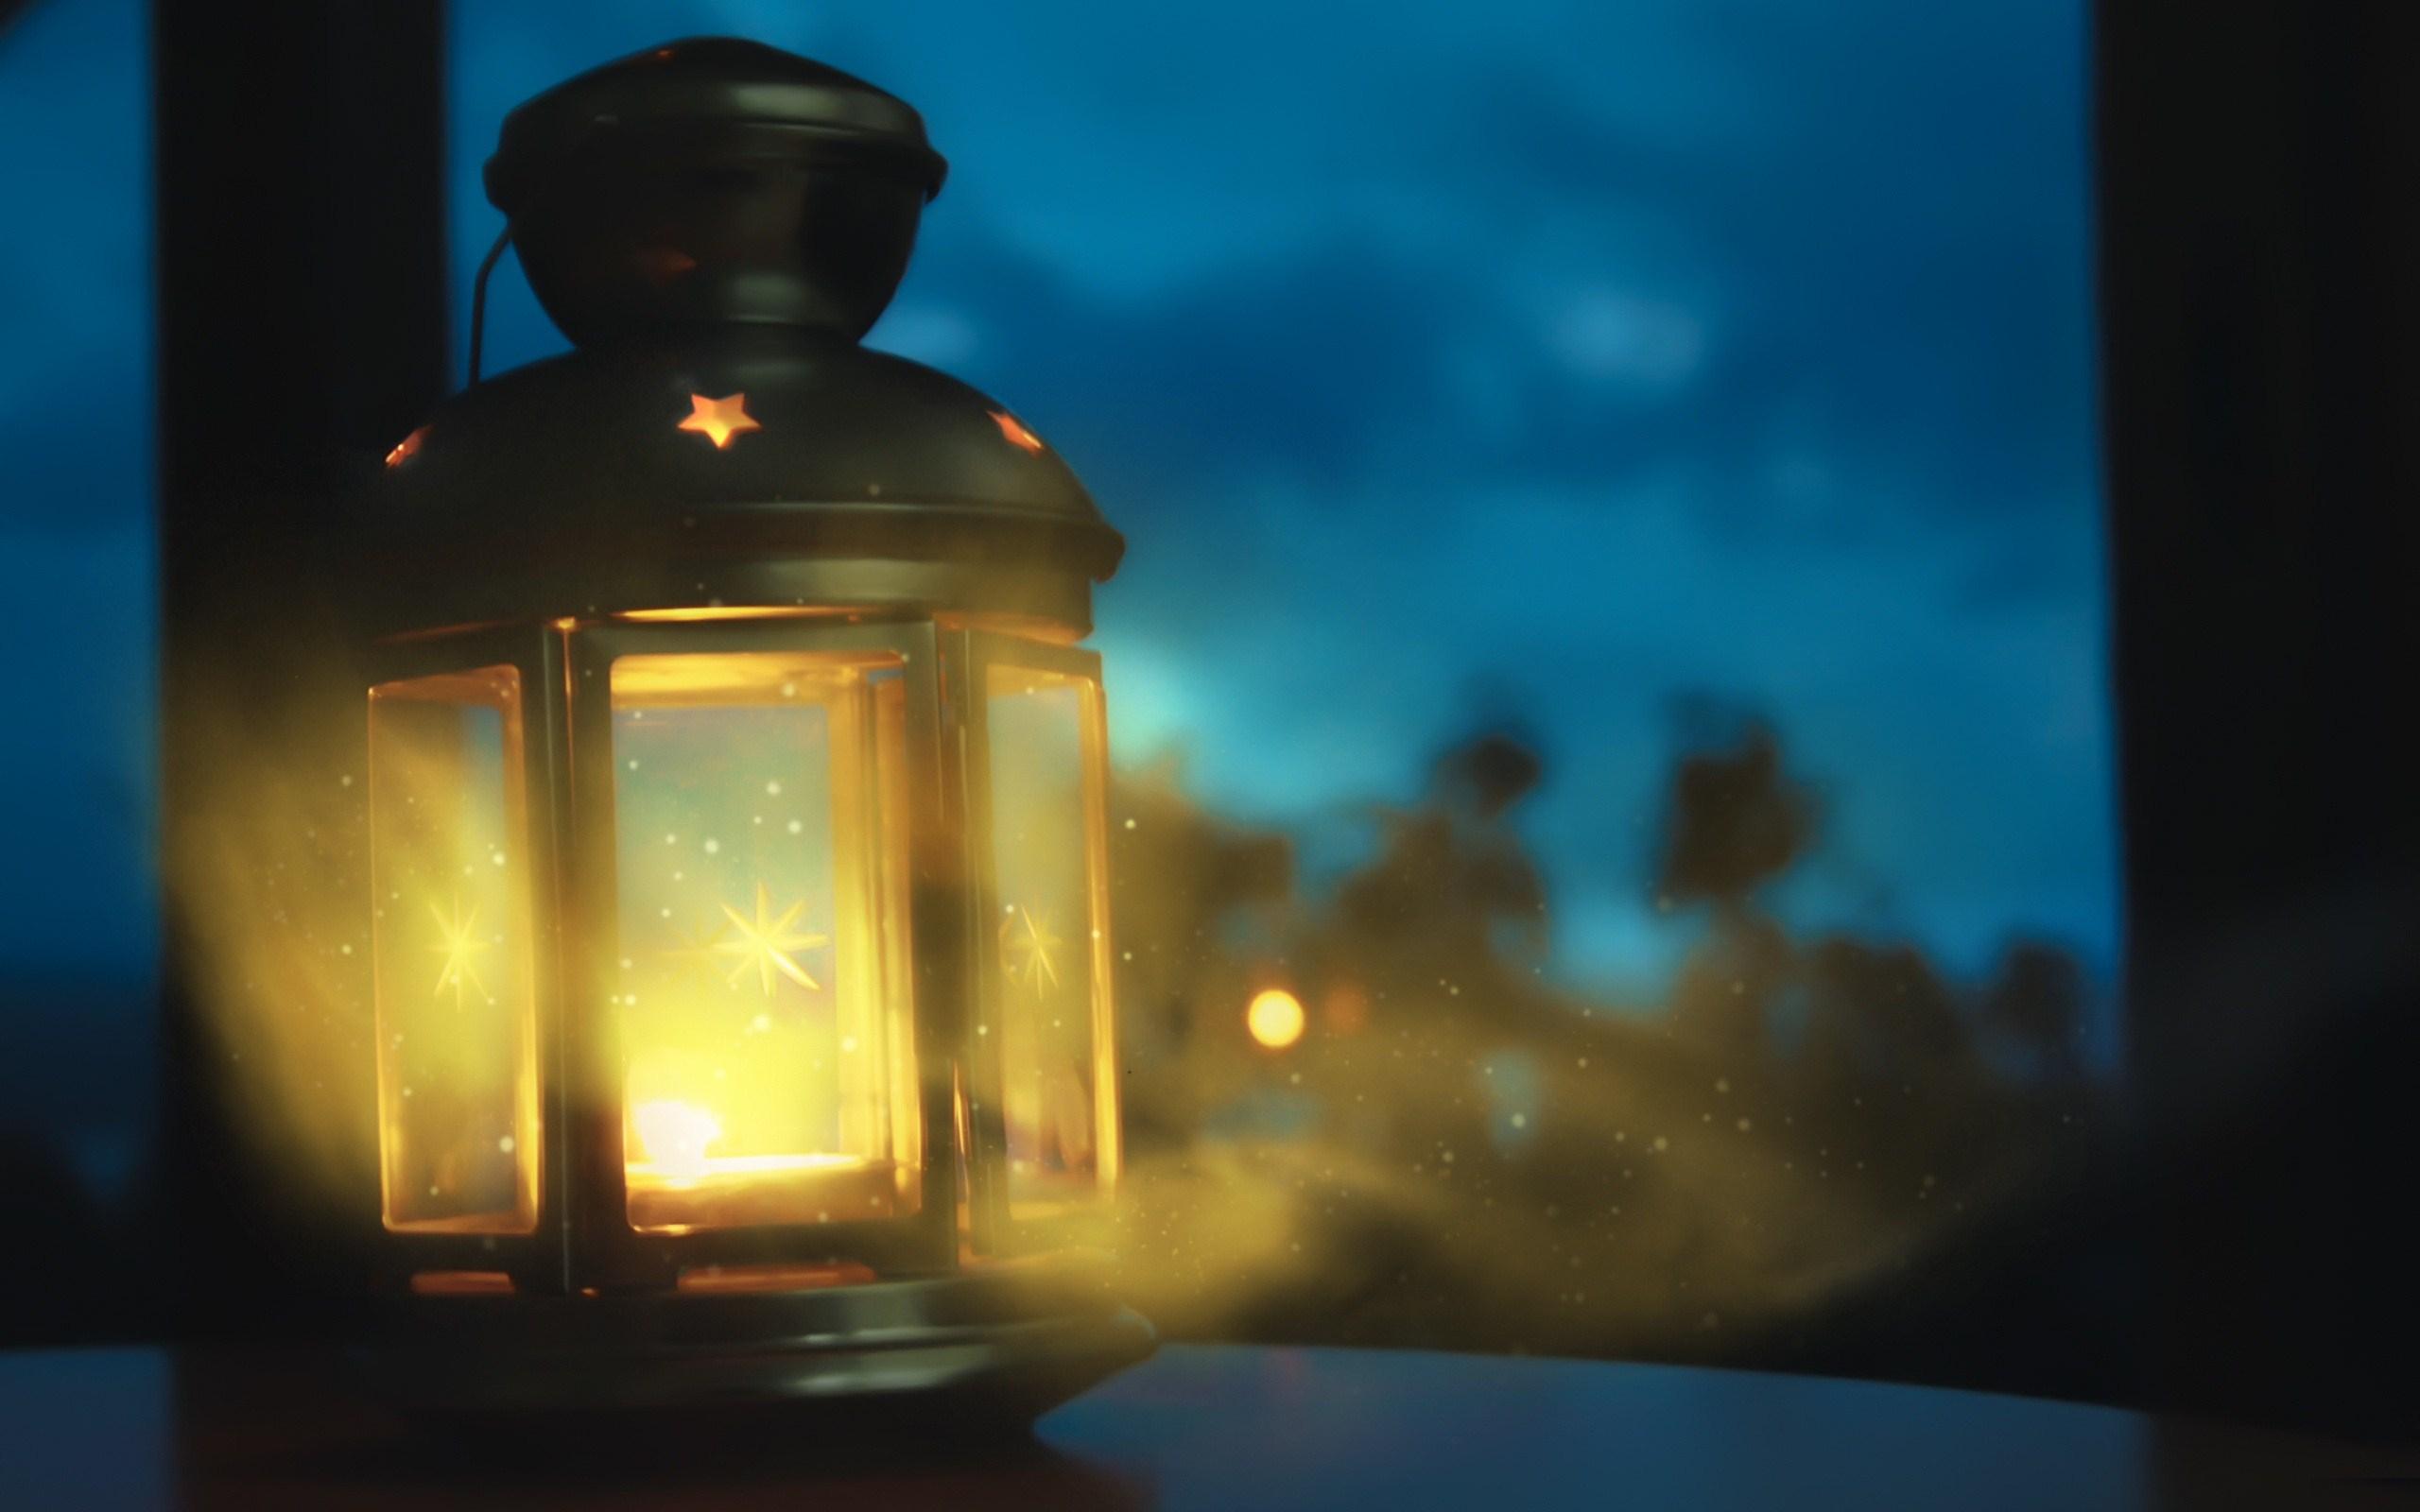 awesome lantern wallpaper 23549 24201 hd wallpapersjpg 2560x1600